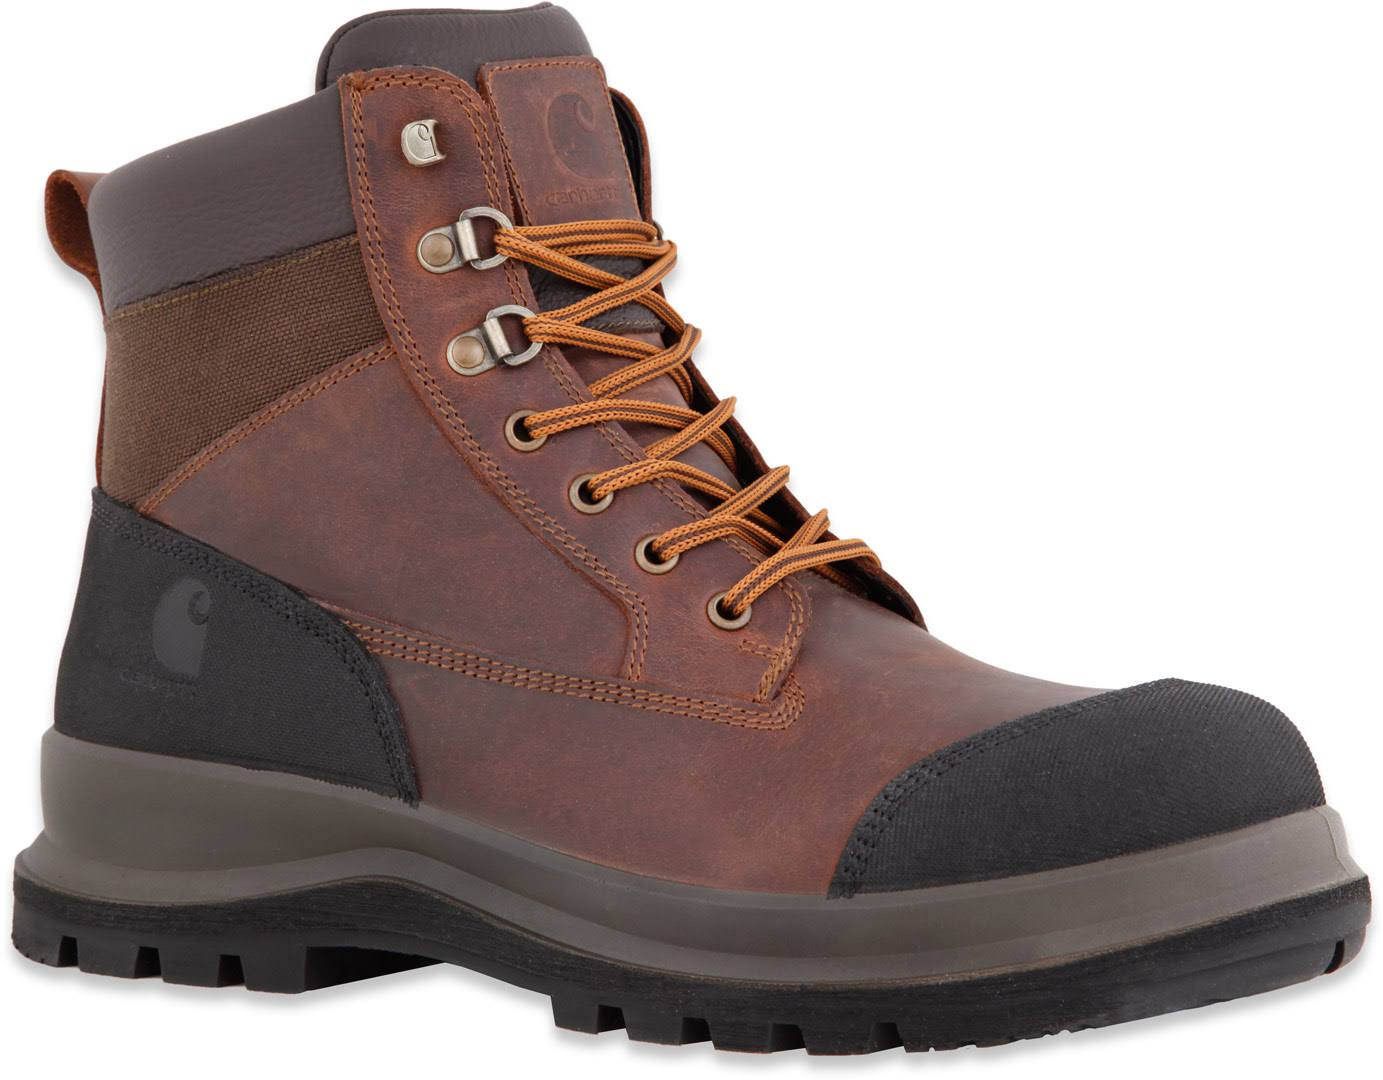 Carhartt Detroit 6in S3 Work Safety Boots - Dark Brown